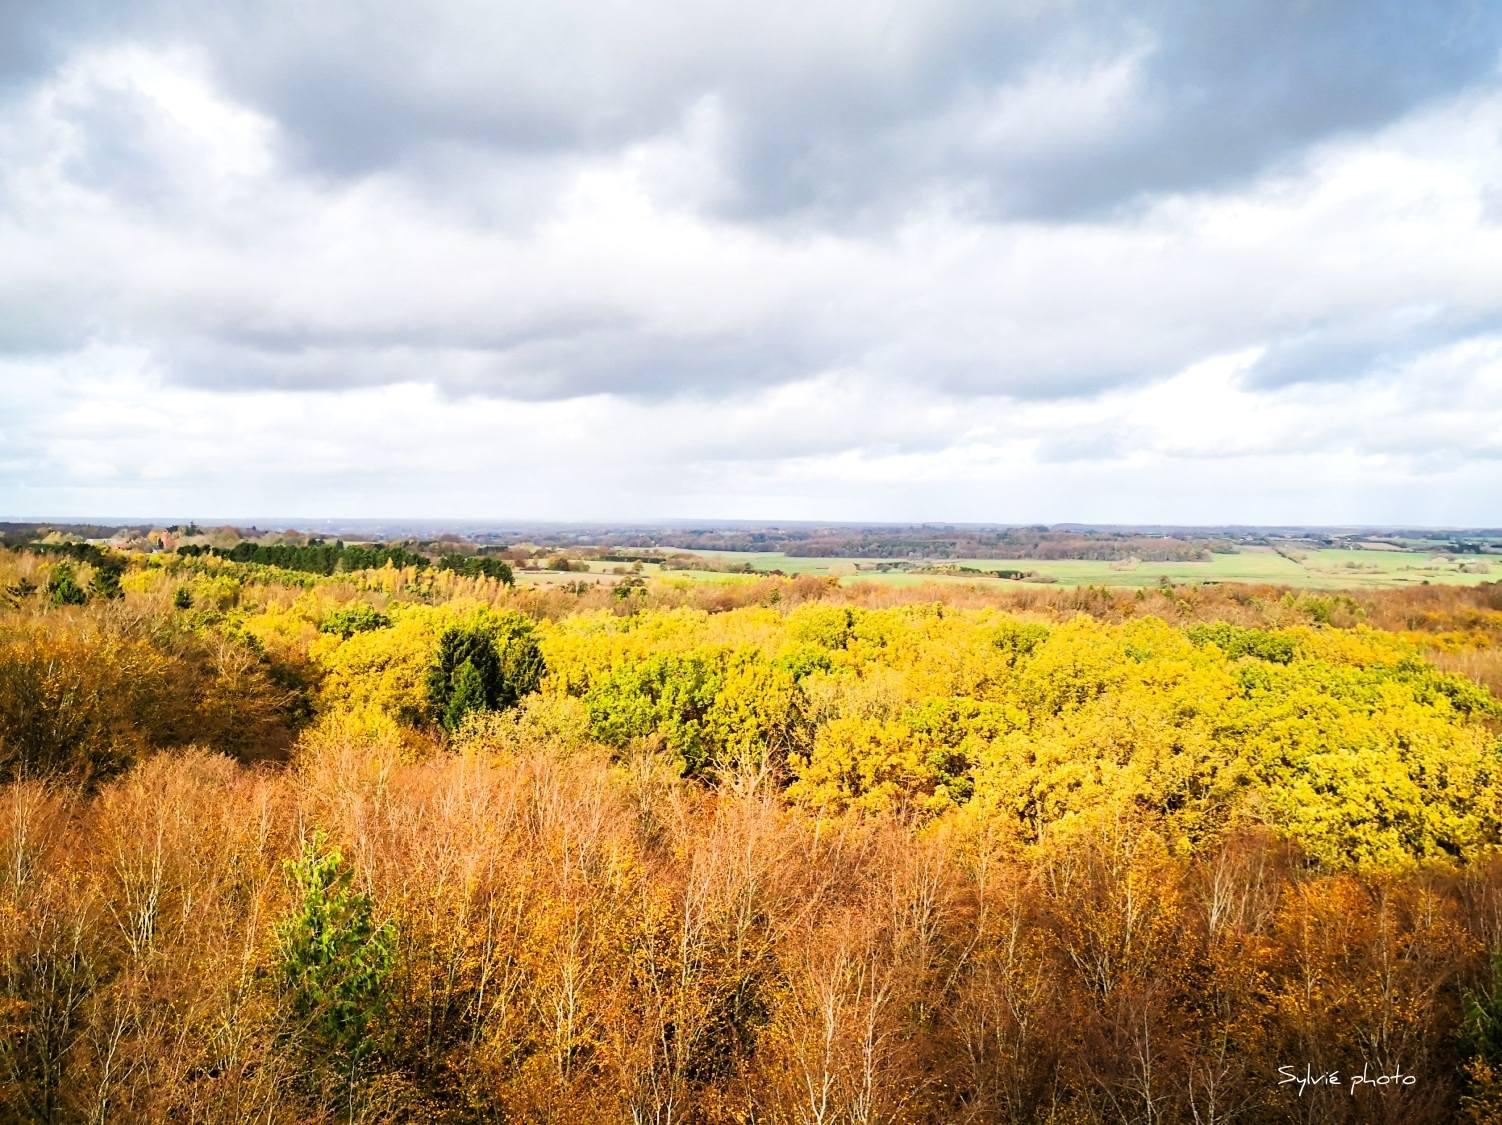 viaggiare-zaino-in-spalla-autunno-in-danimarca-vista-panoramica-dal treetop